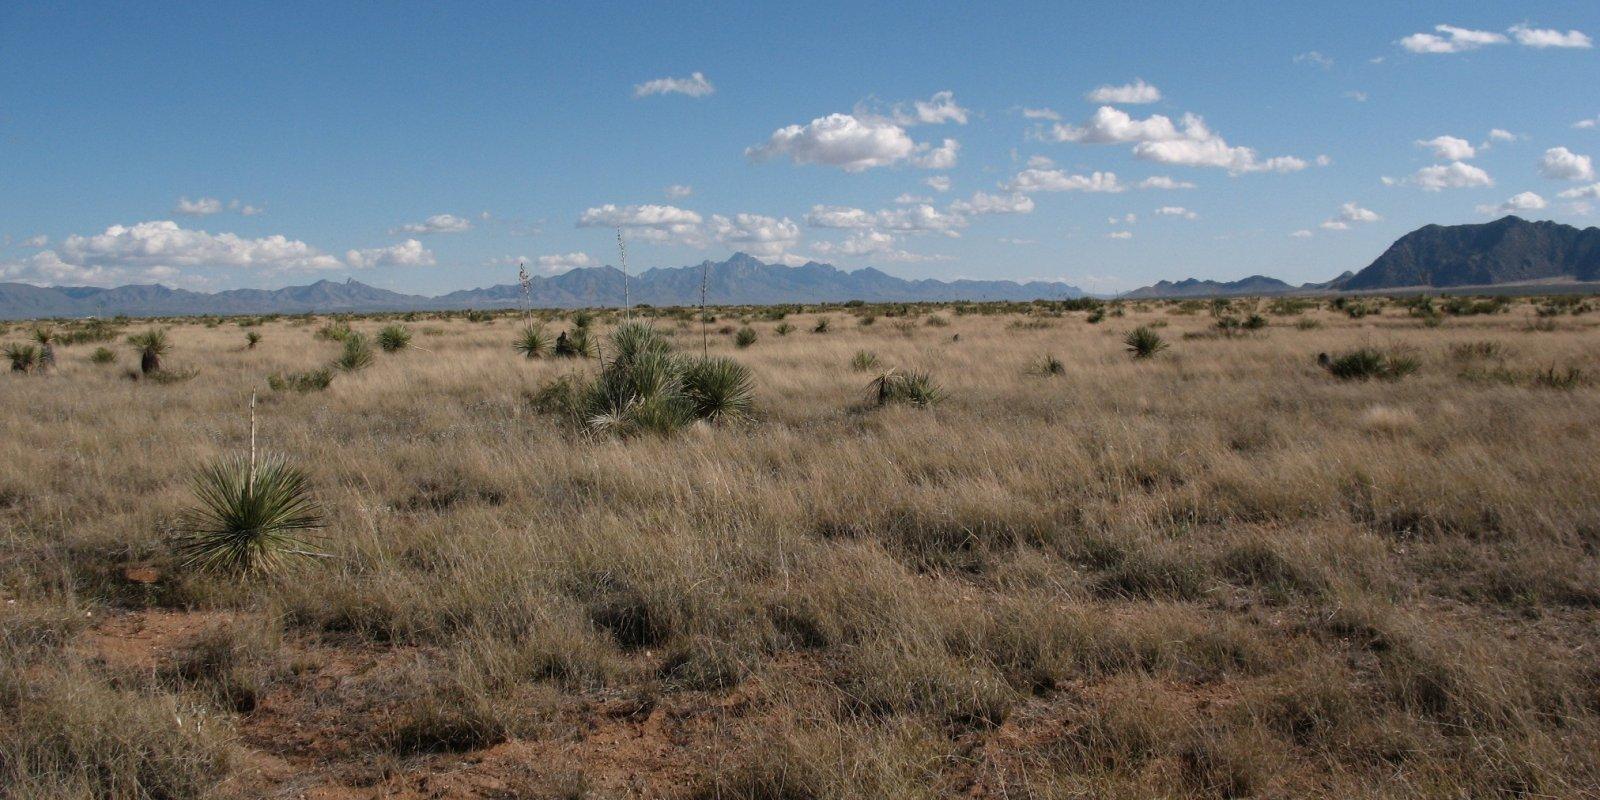 Jornada Basin